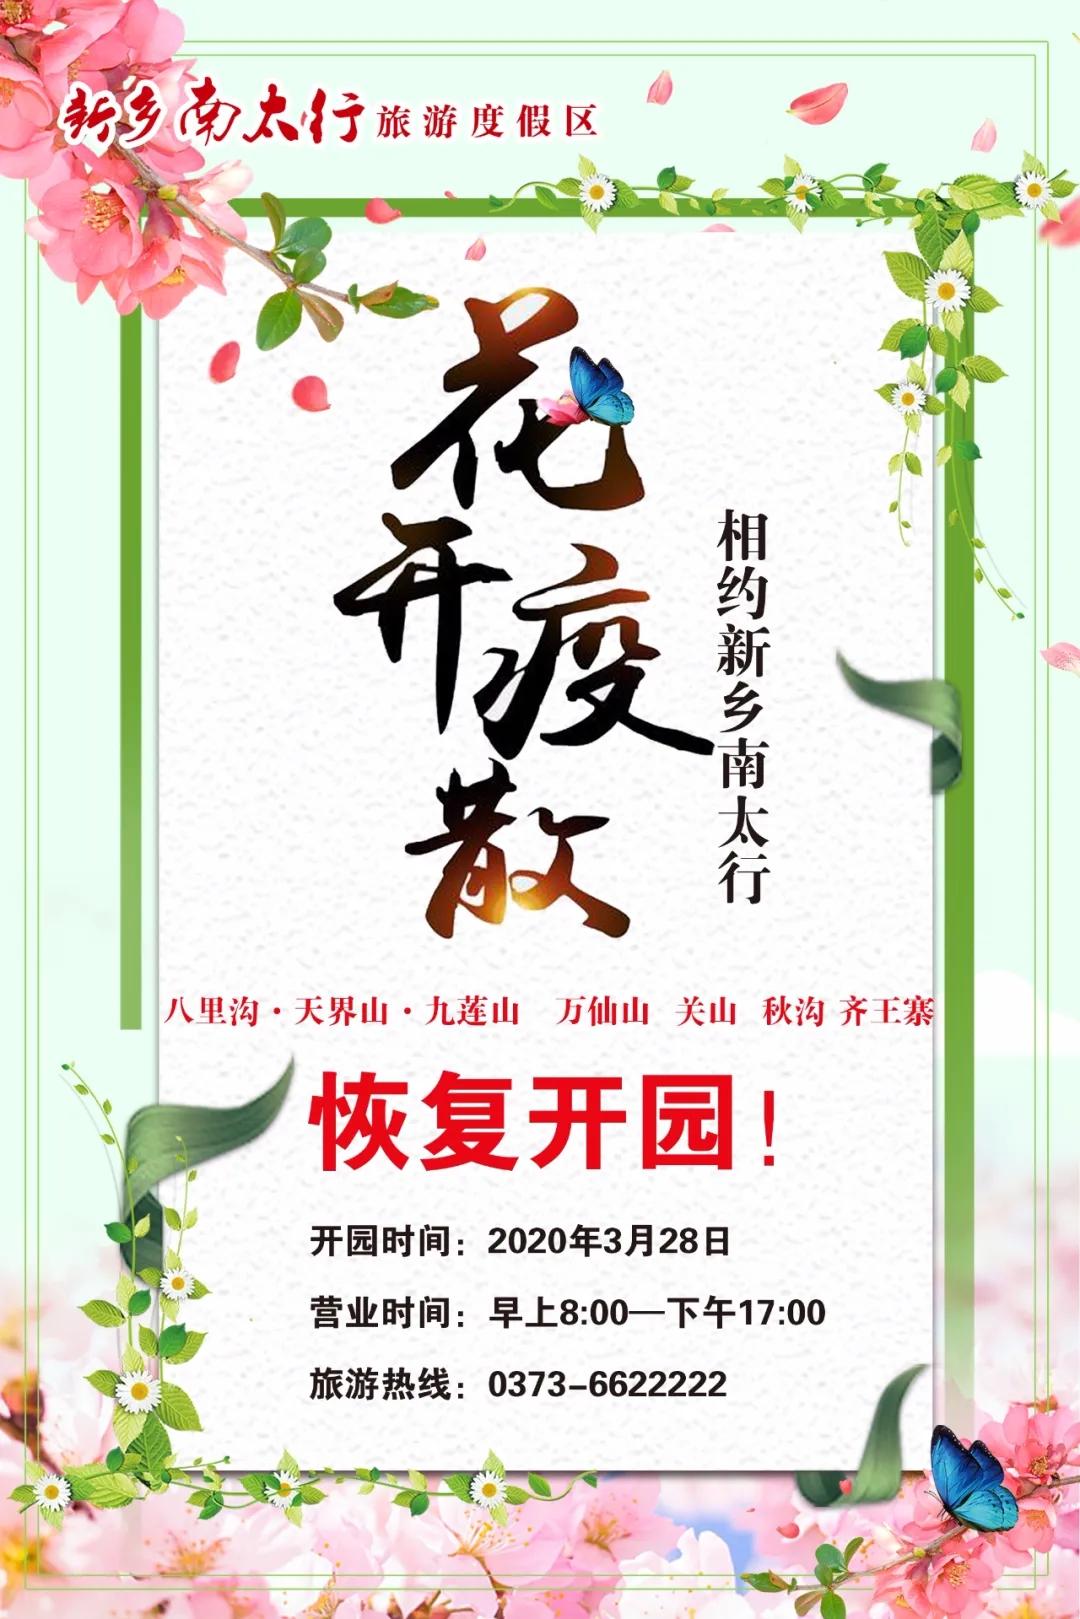 新乡南太行所辖各大景区将于3月28日恢复开园!